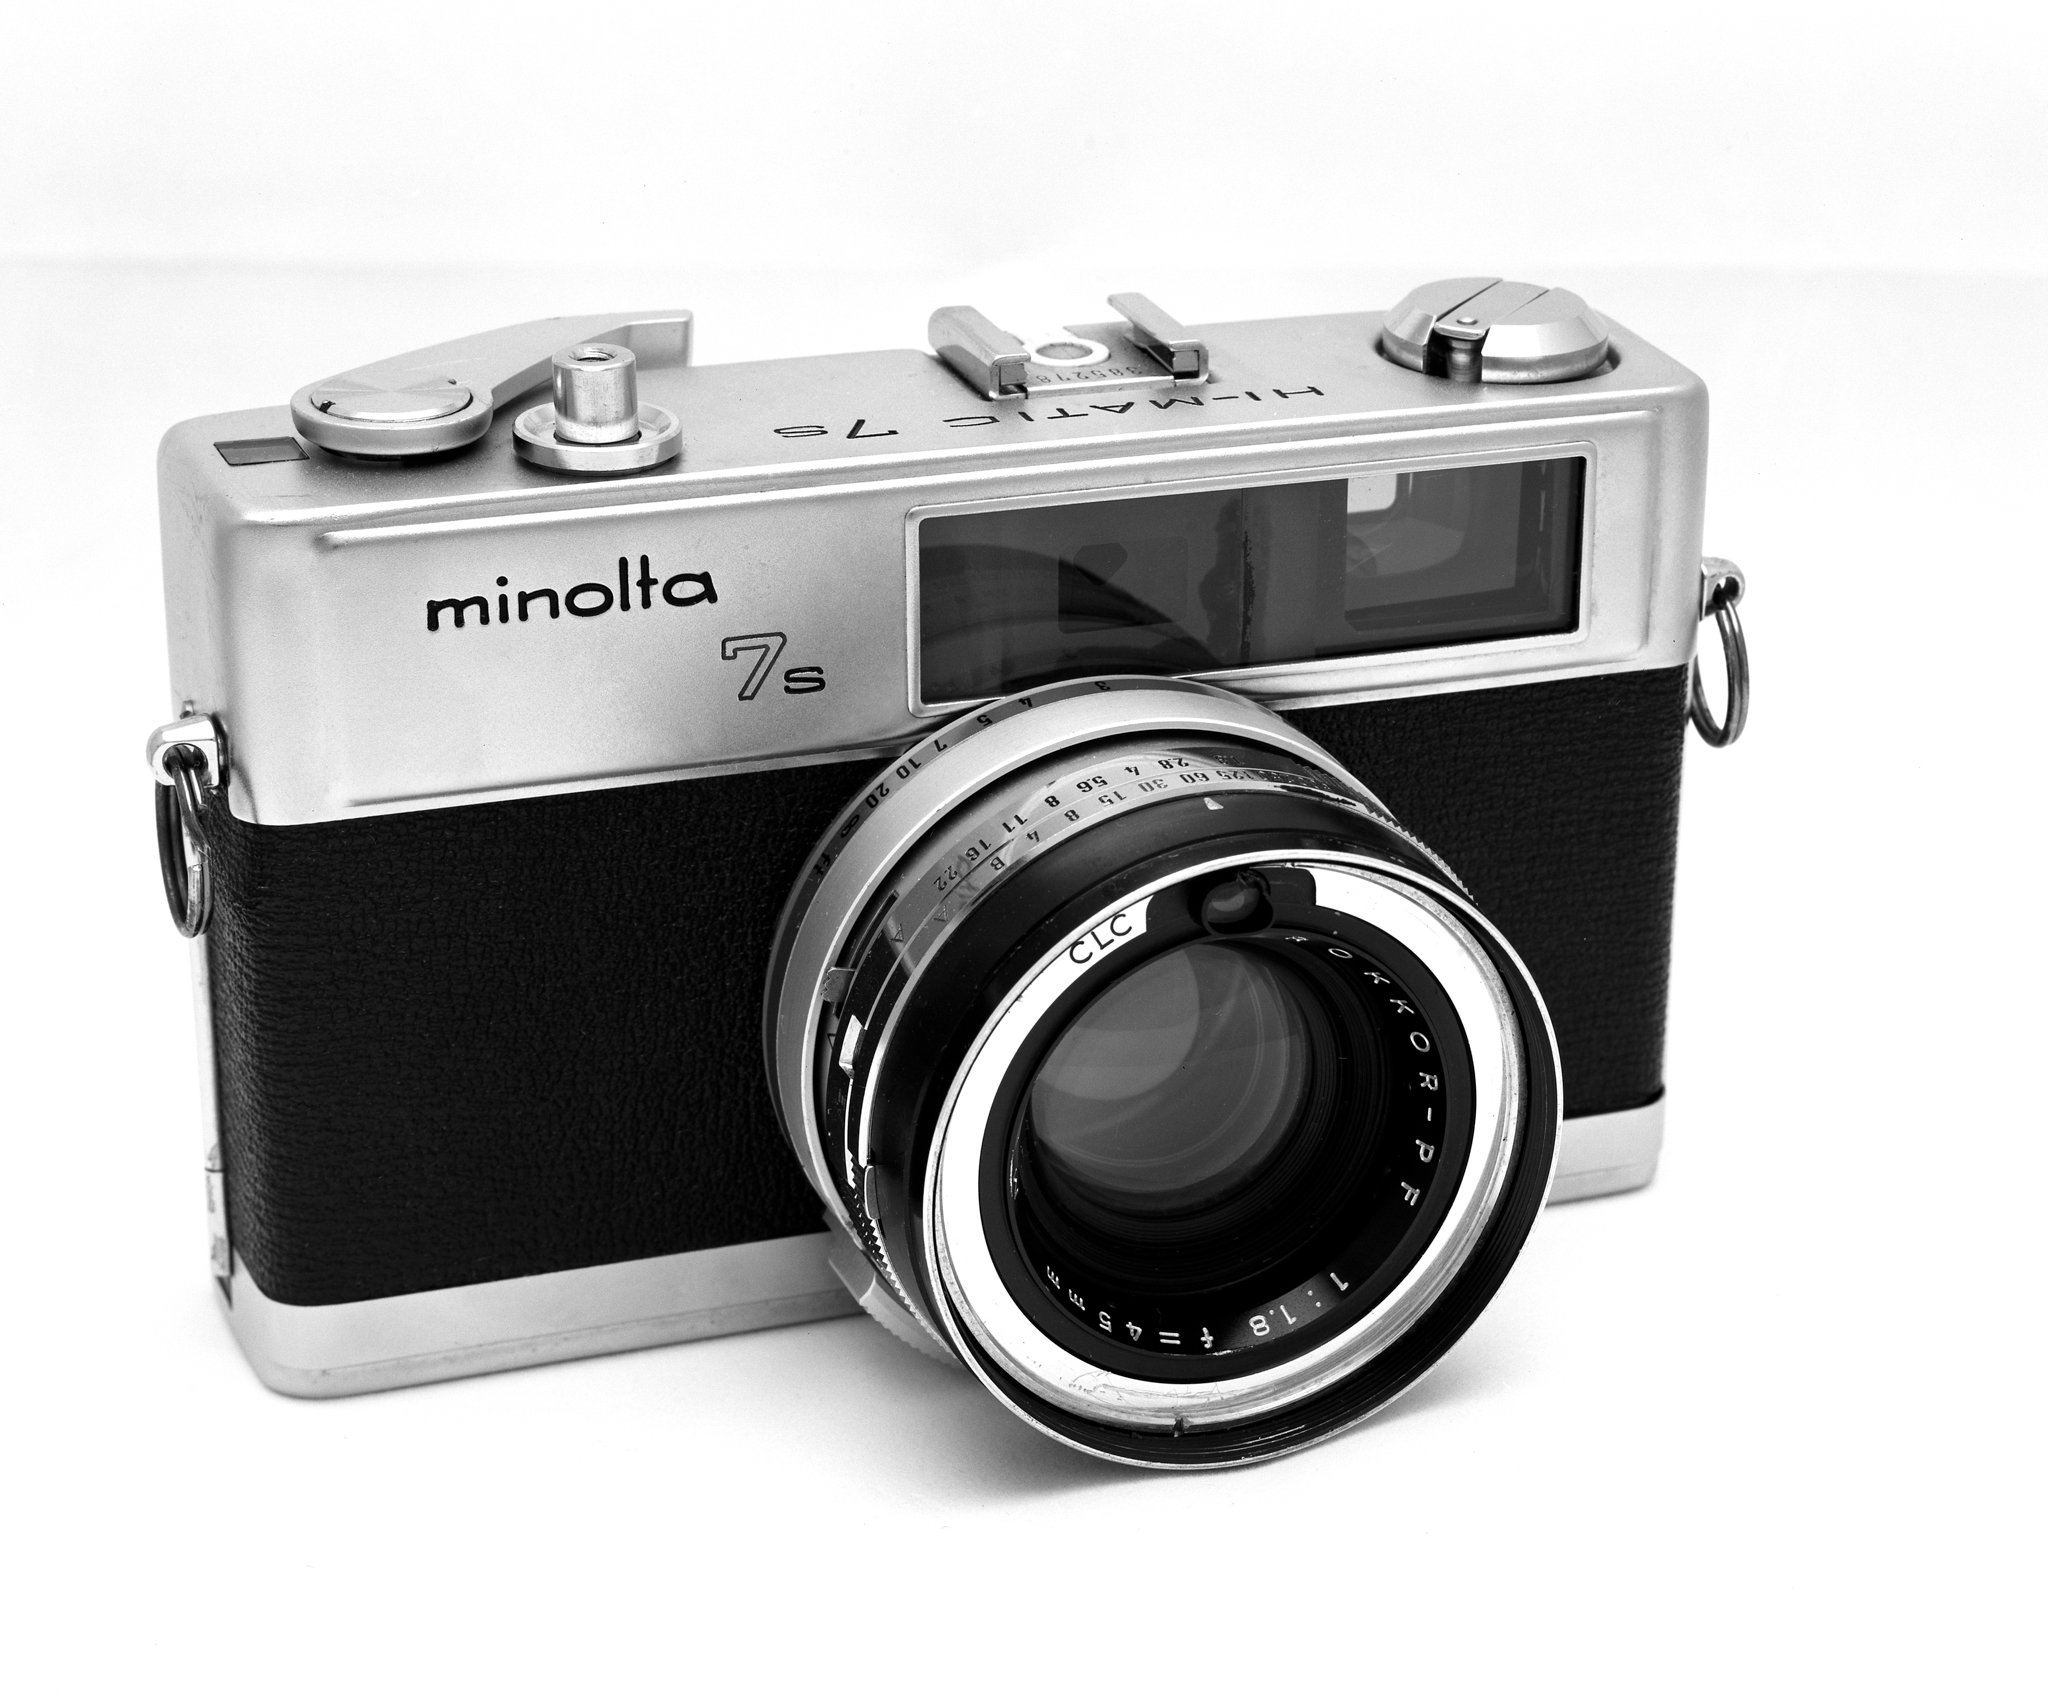 4x5_for_365_project_080_Minolta-Hi-Matic-7s.jpg